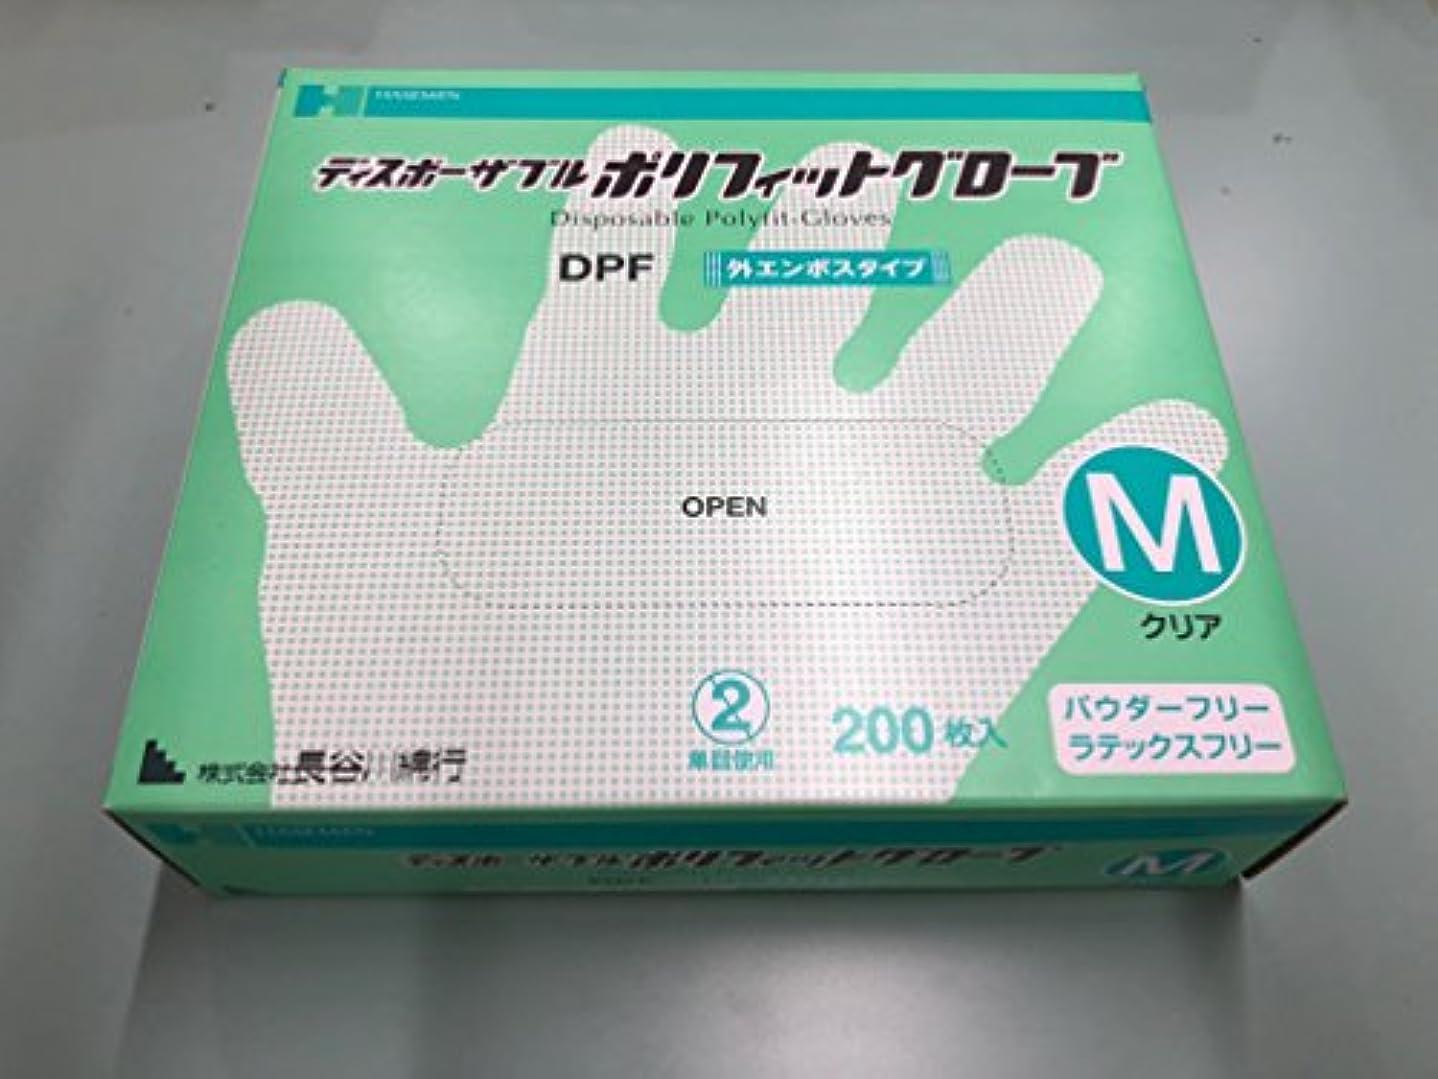 世界的にボット柔和ディスポーザブルポリフィットグローブ クリア 200枚入り (M)